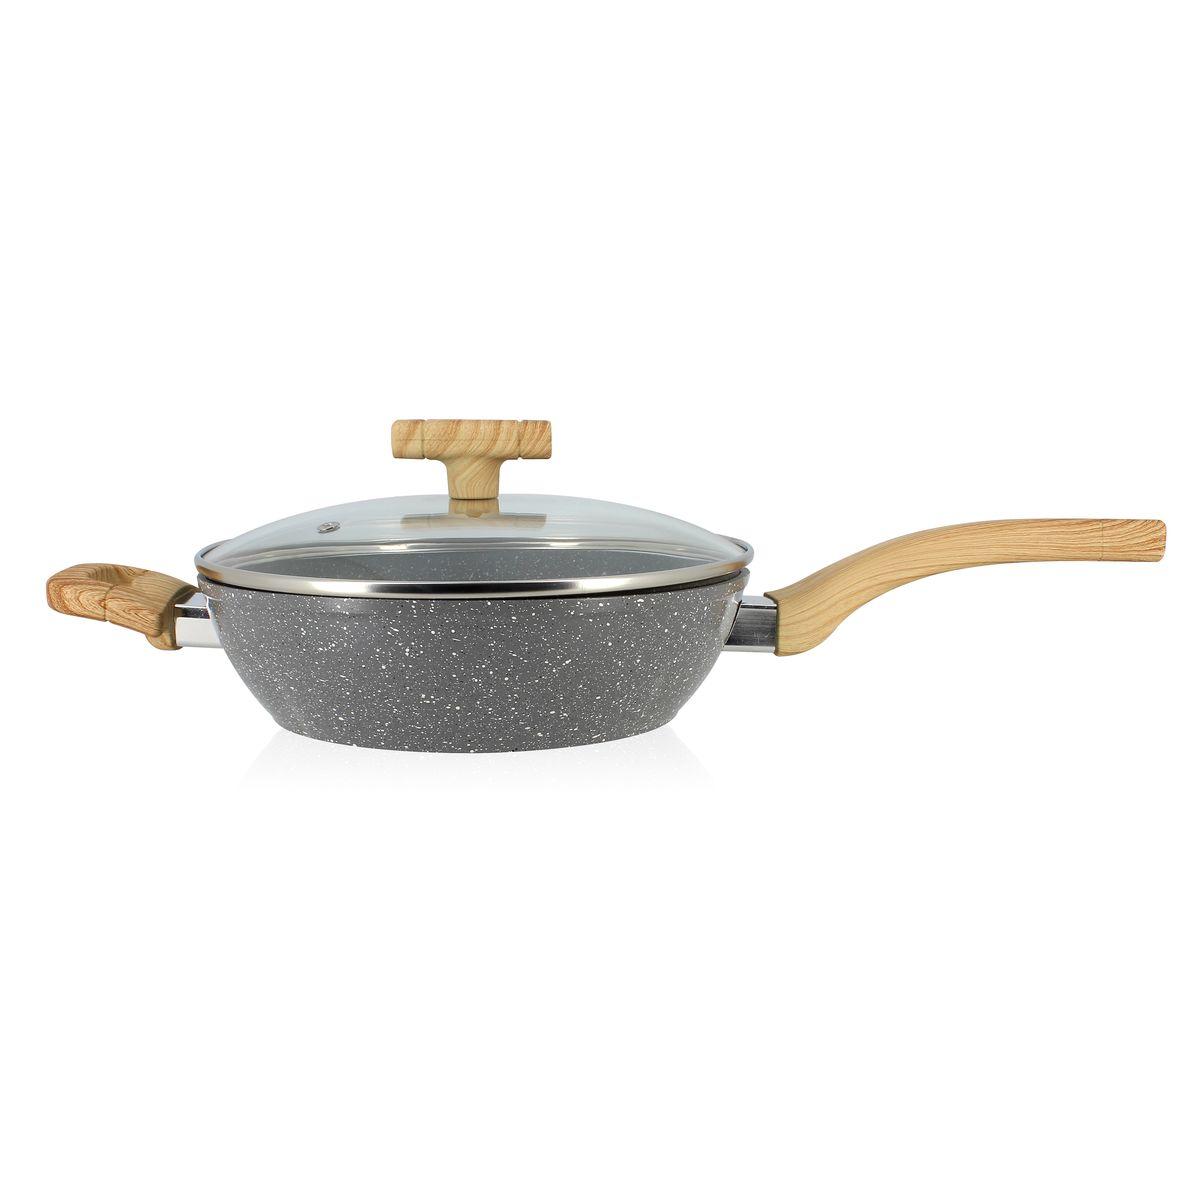 Sauteuse avec couvercle et poignées en aluminium et bois 24 cm